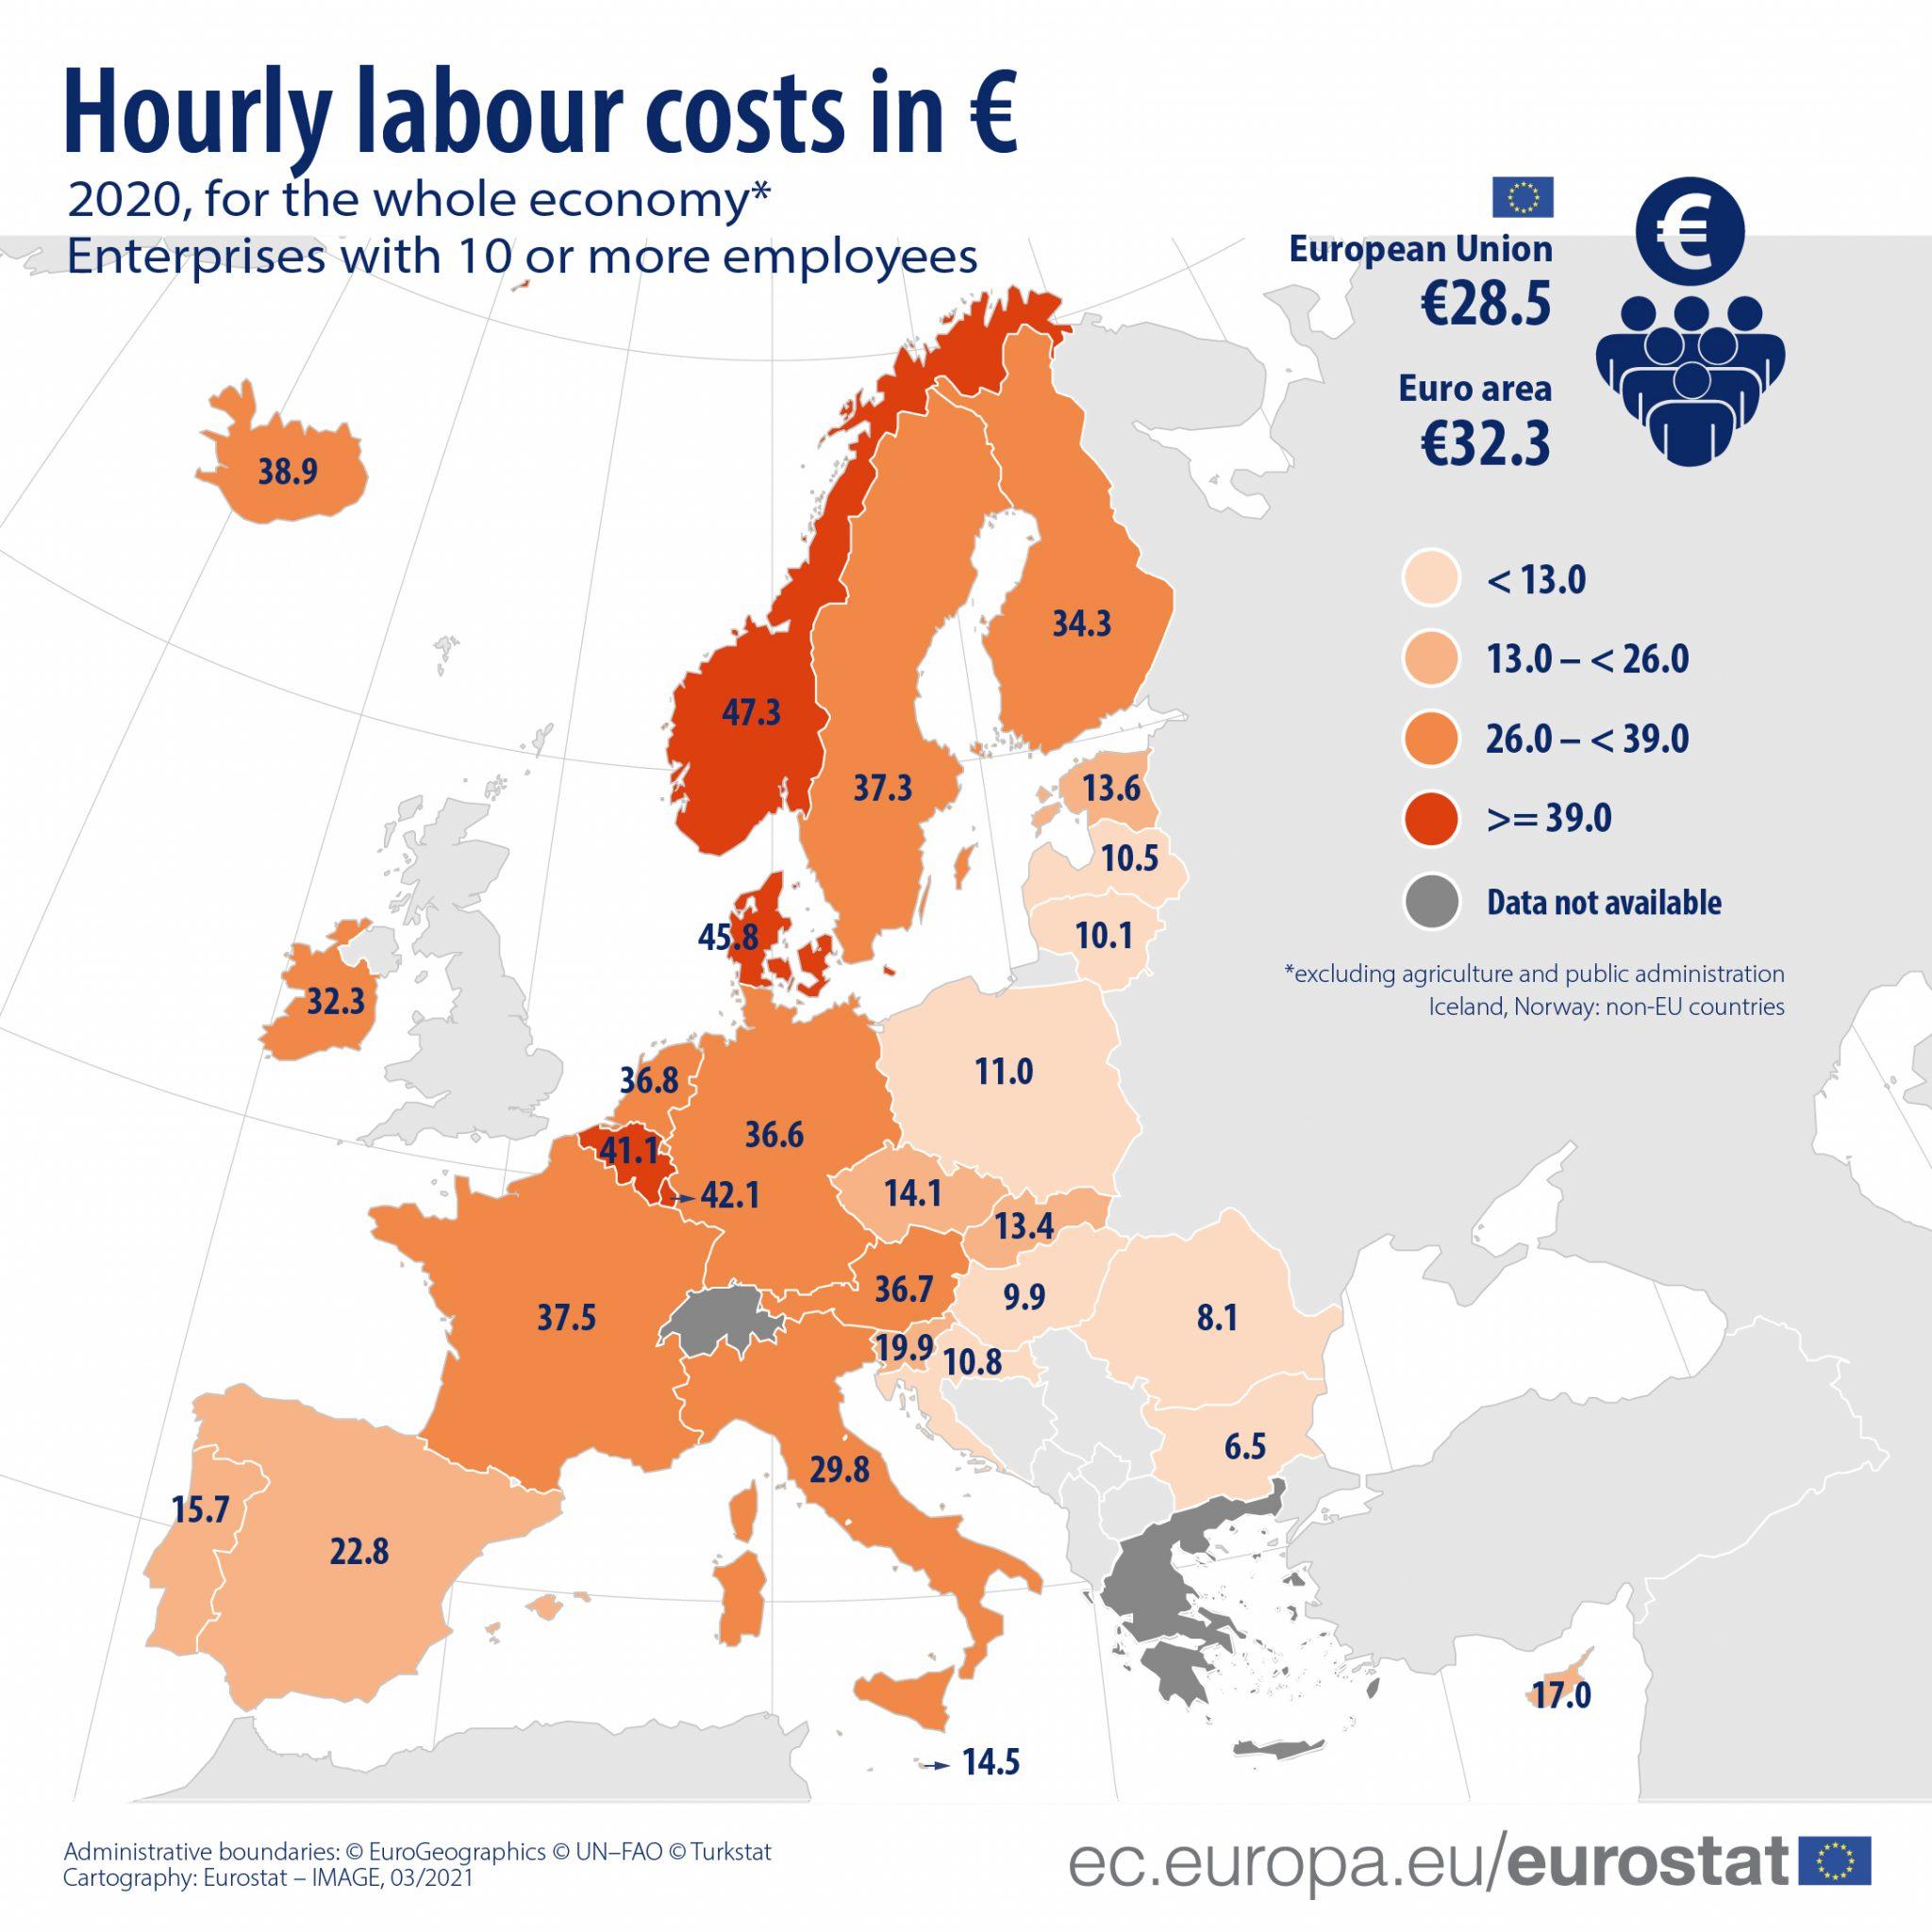 eurostat labour costs european union 2020